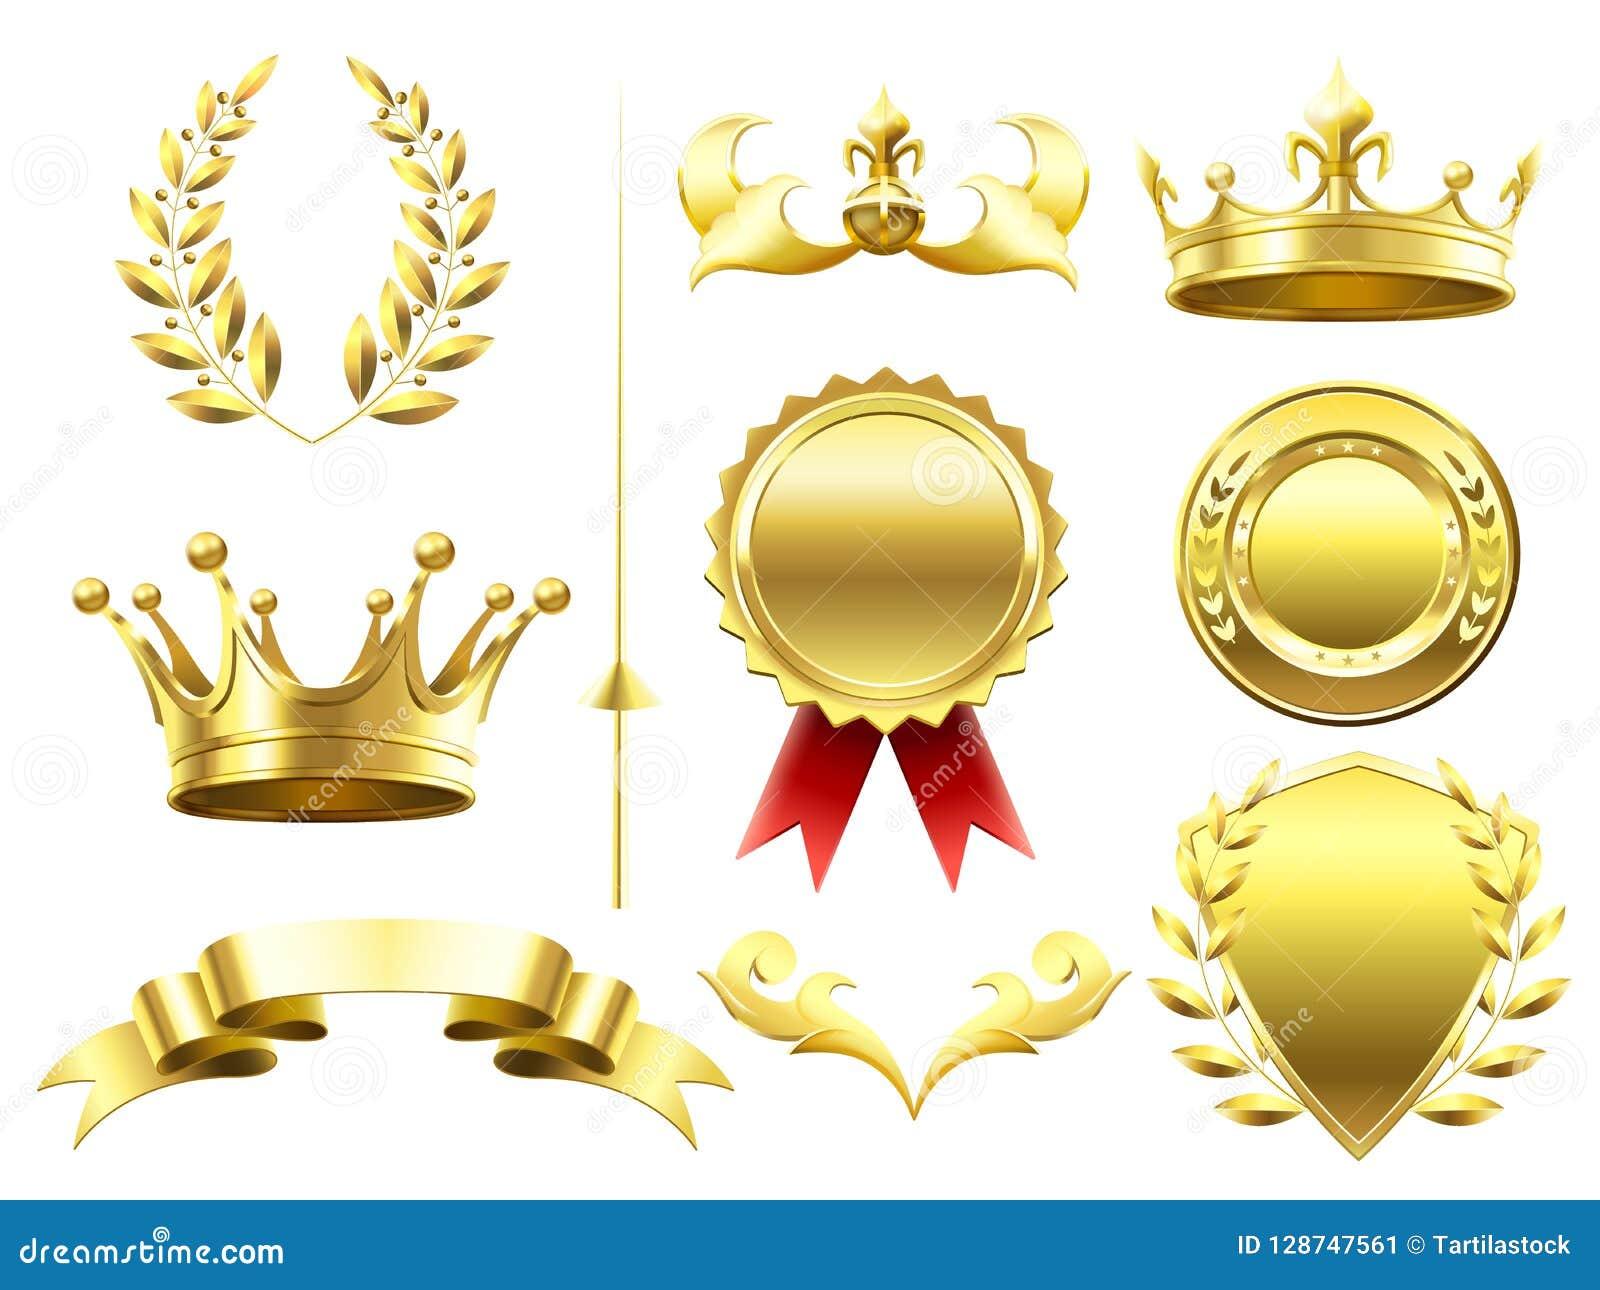 Εραλδικά τρισδιάστατα στοιχεία Βασιλικές κορώνες και ασπίδες Χρυσό μετάλλιο νικητών αθλητικής πρόκλησης Στεφάνι δαφνών και χρυσή